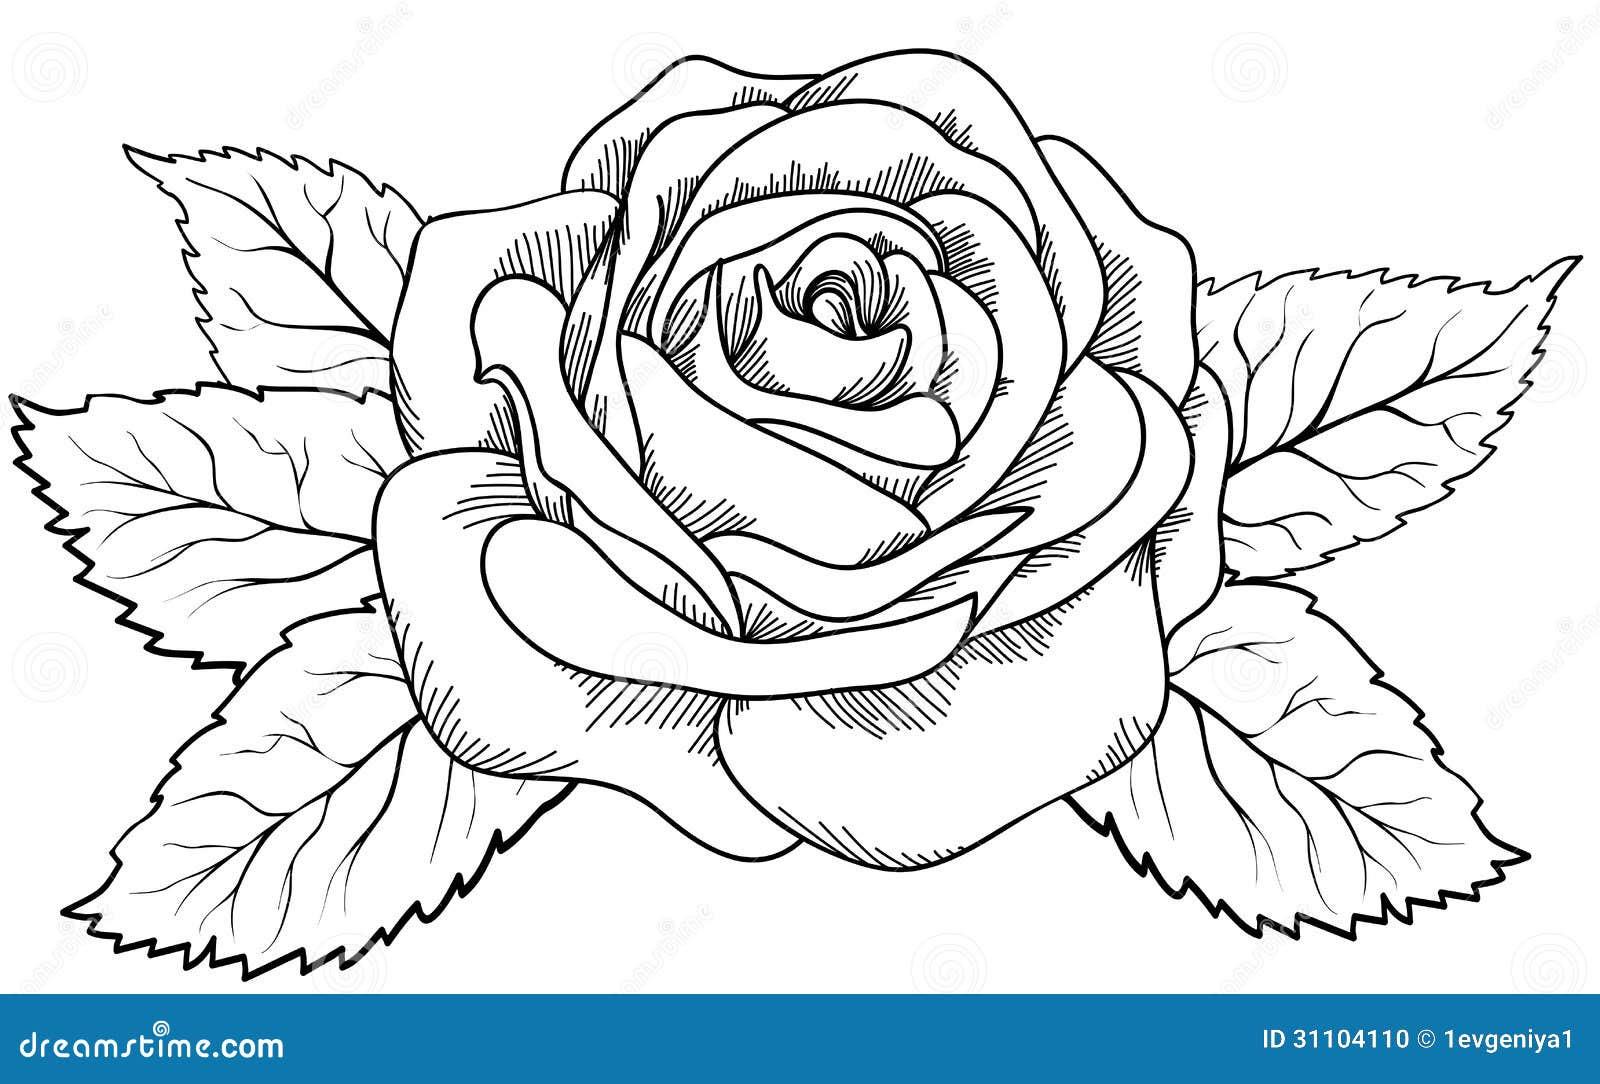 Knumathise Realistic Black And White Rose Drawing Images